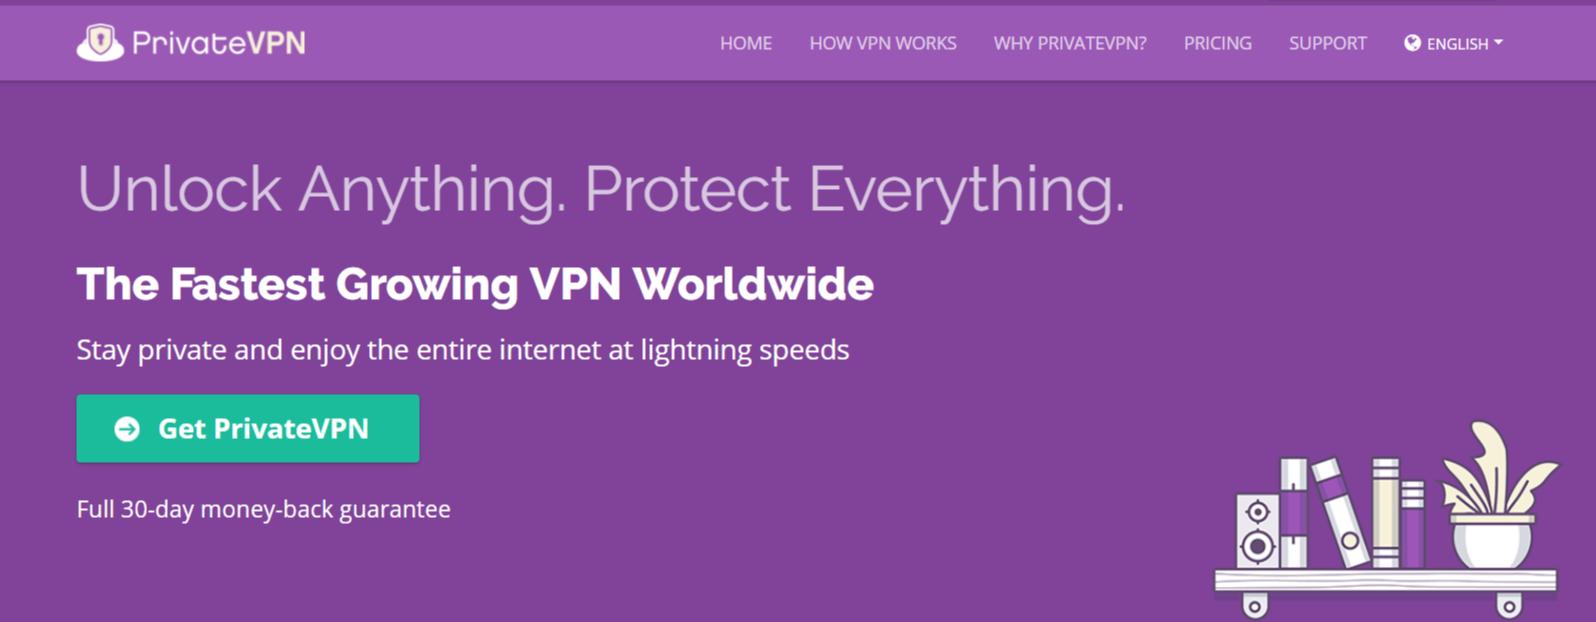 PrivateVPN - Best VPN For Egypt